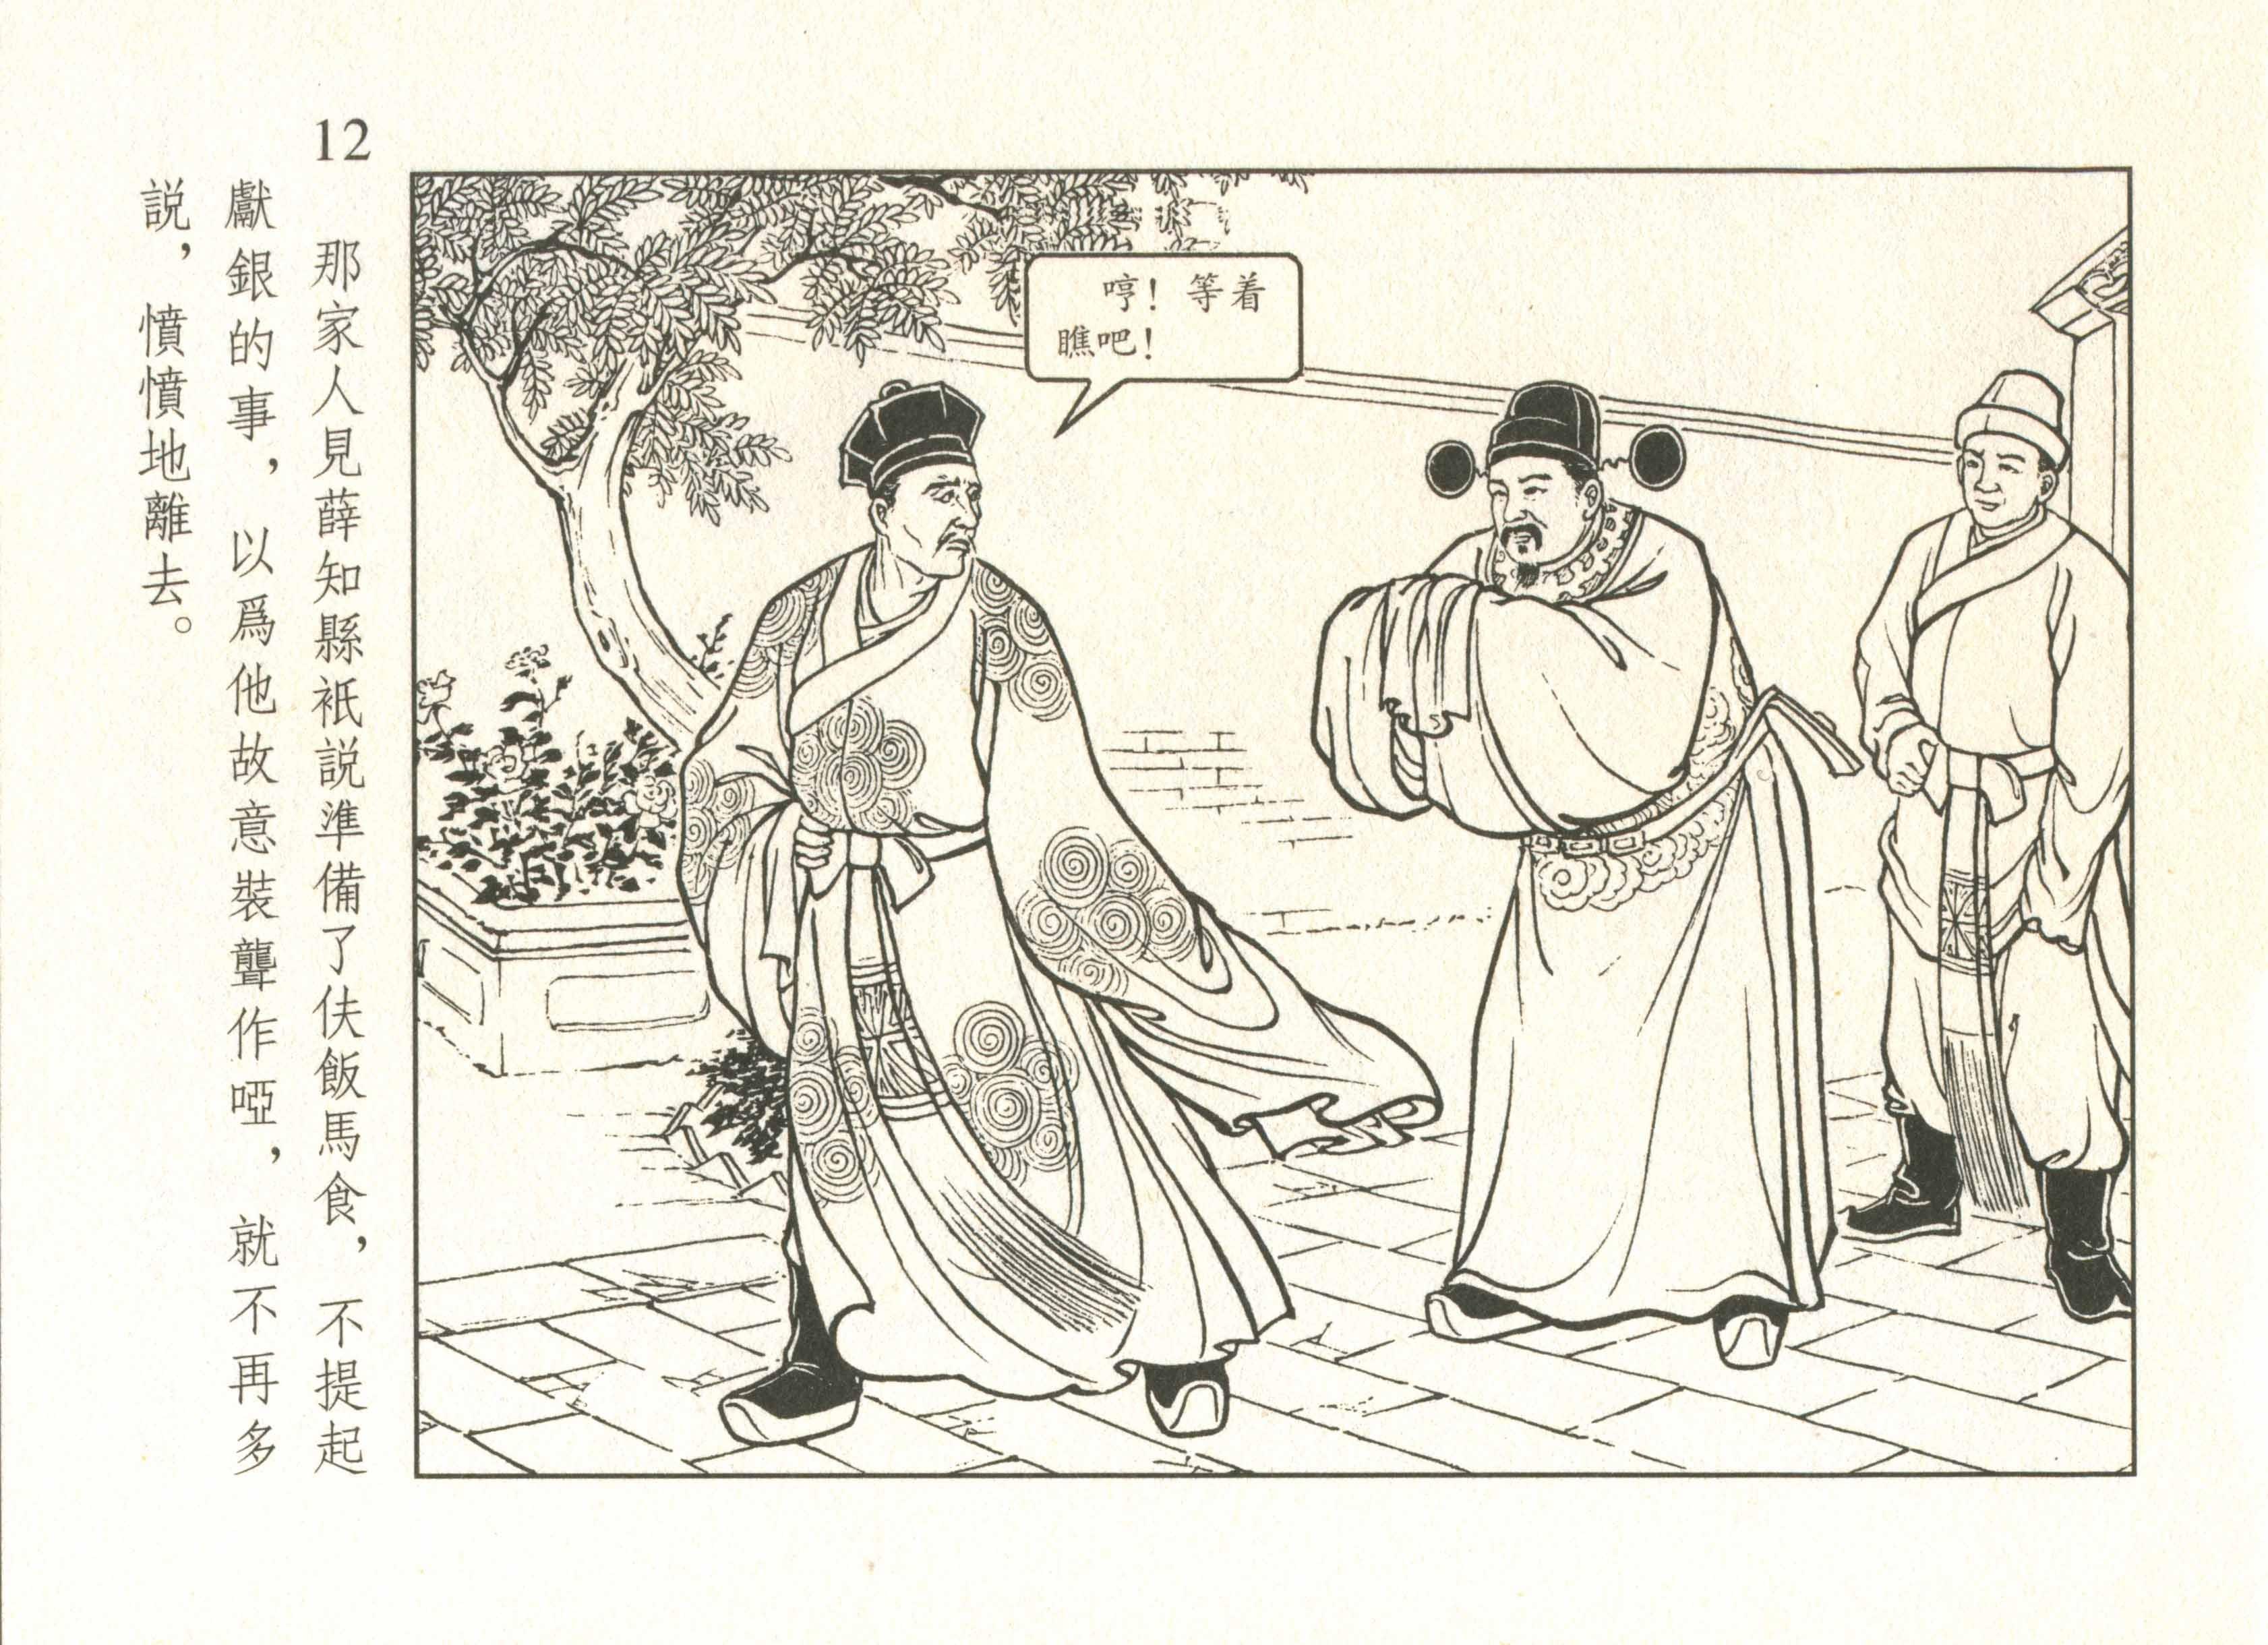 精品连环画-县官背纤(陈光镒绘)